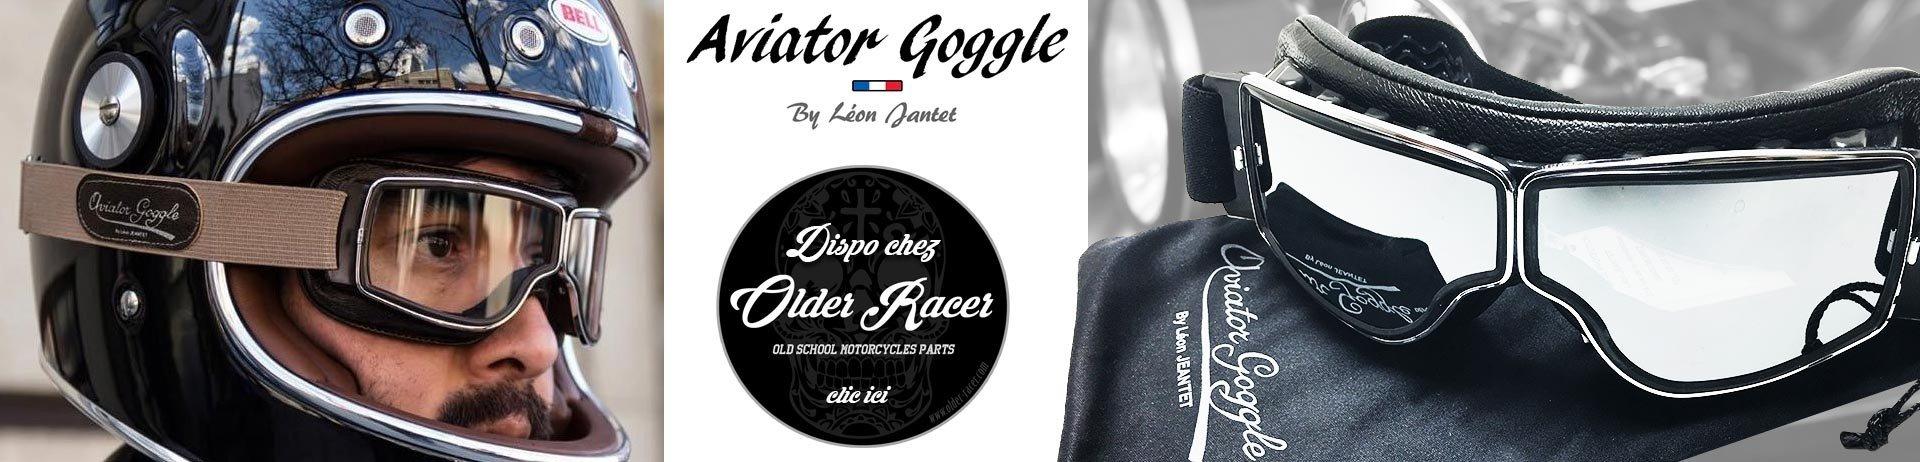 Aviator google